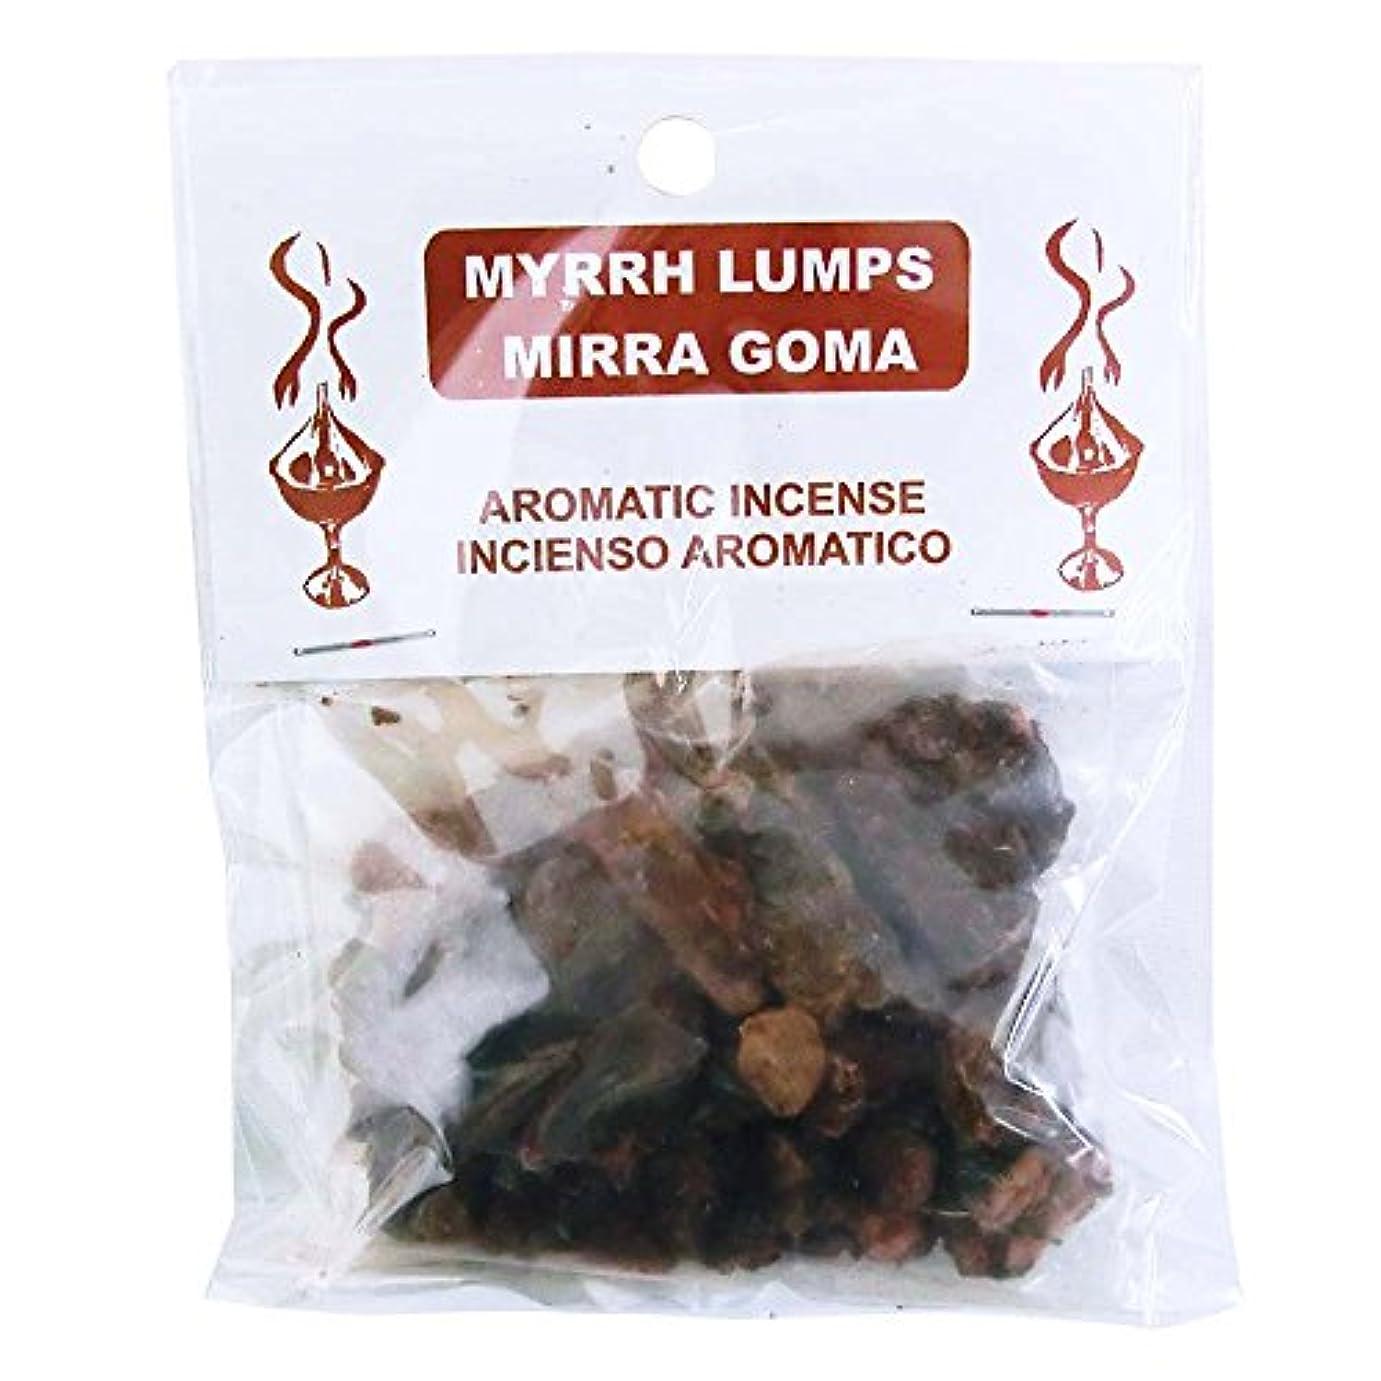 しなければならないフラスコもっともらしい3KINGS Resin Incense(ヨルダンの聖別香) Myrrh Lumps